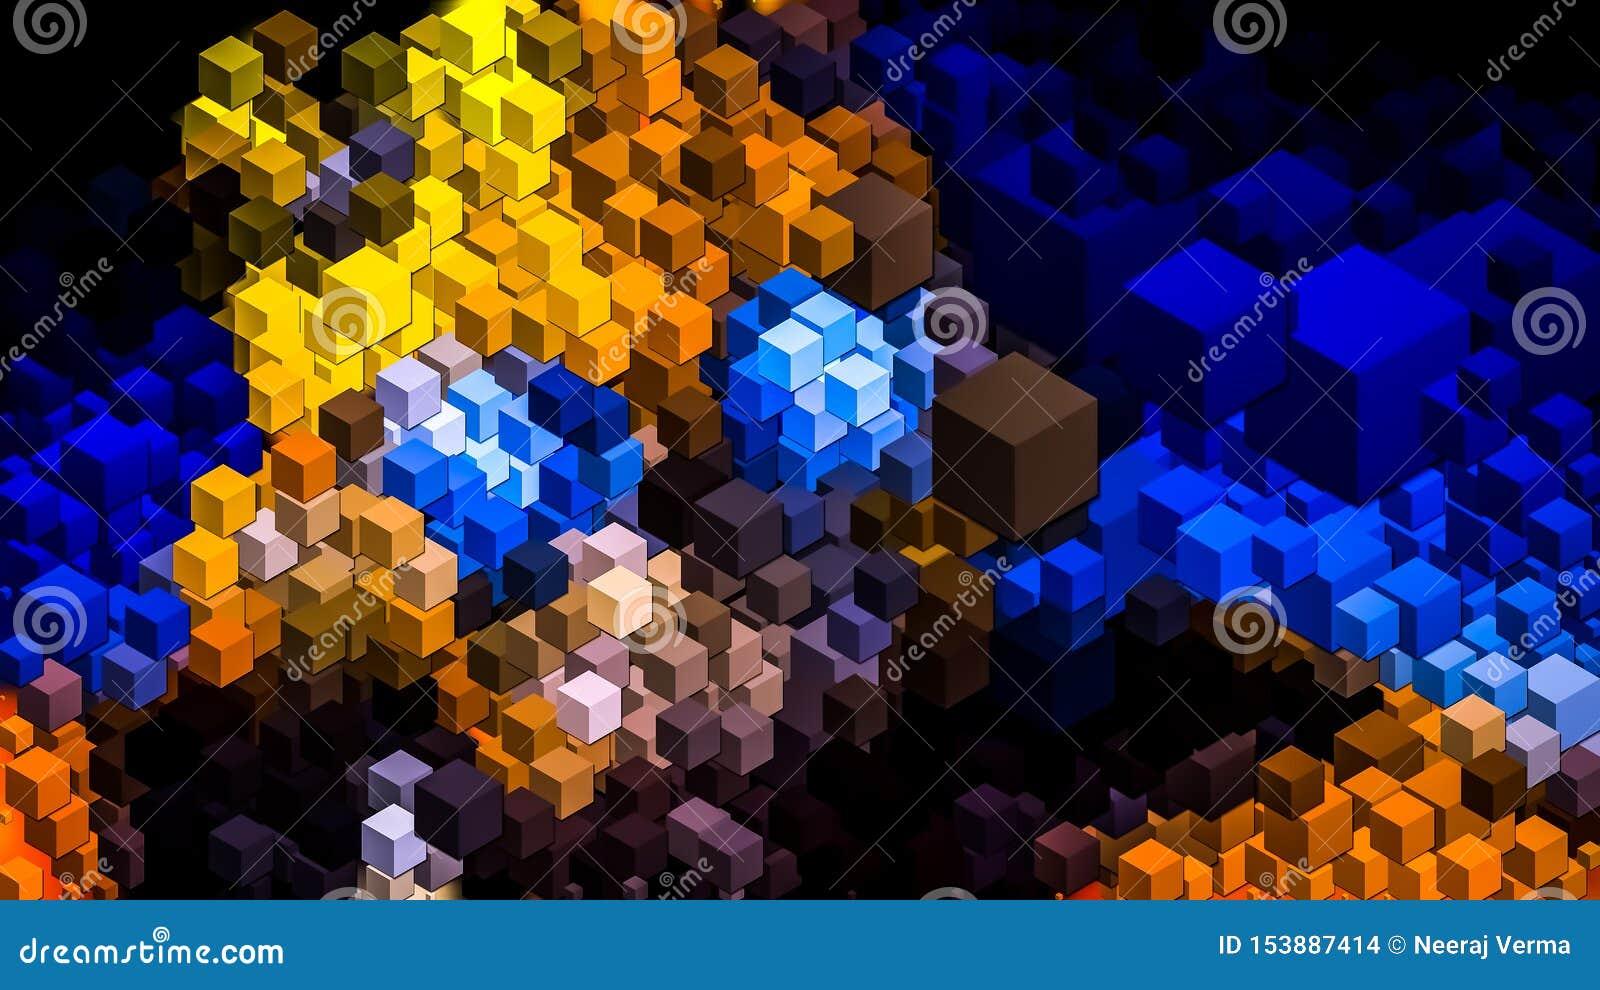 3D Colorful Cubes Wallpaper